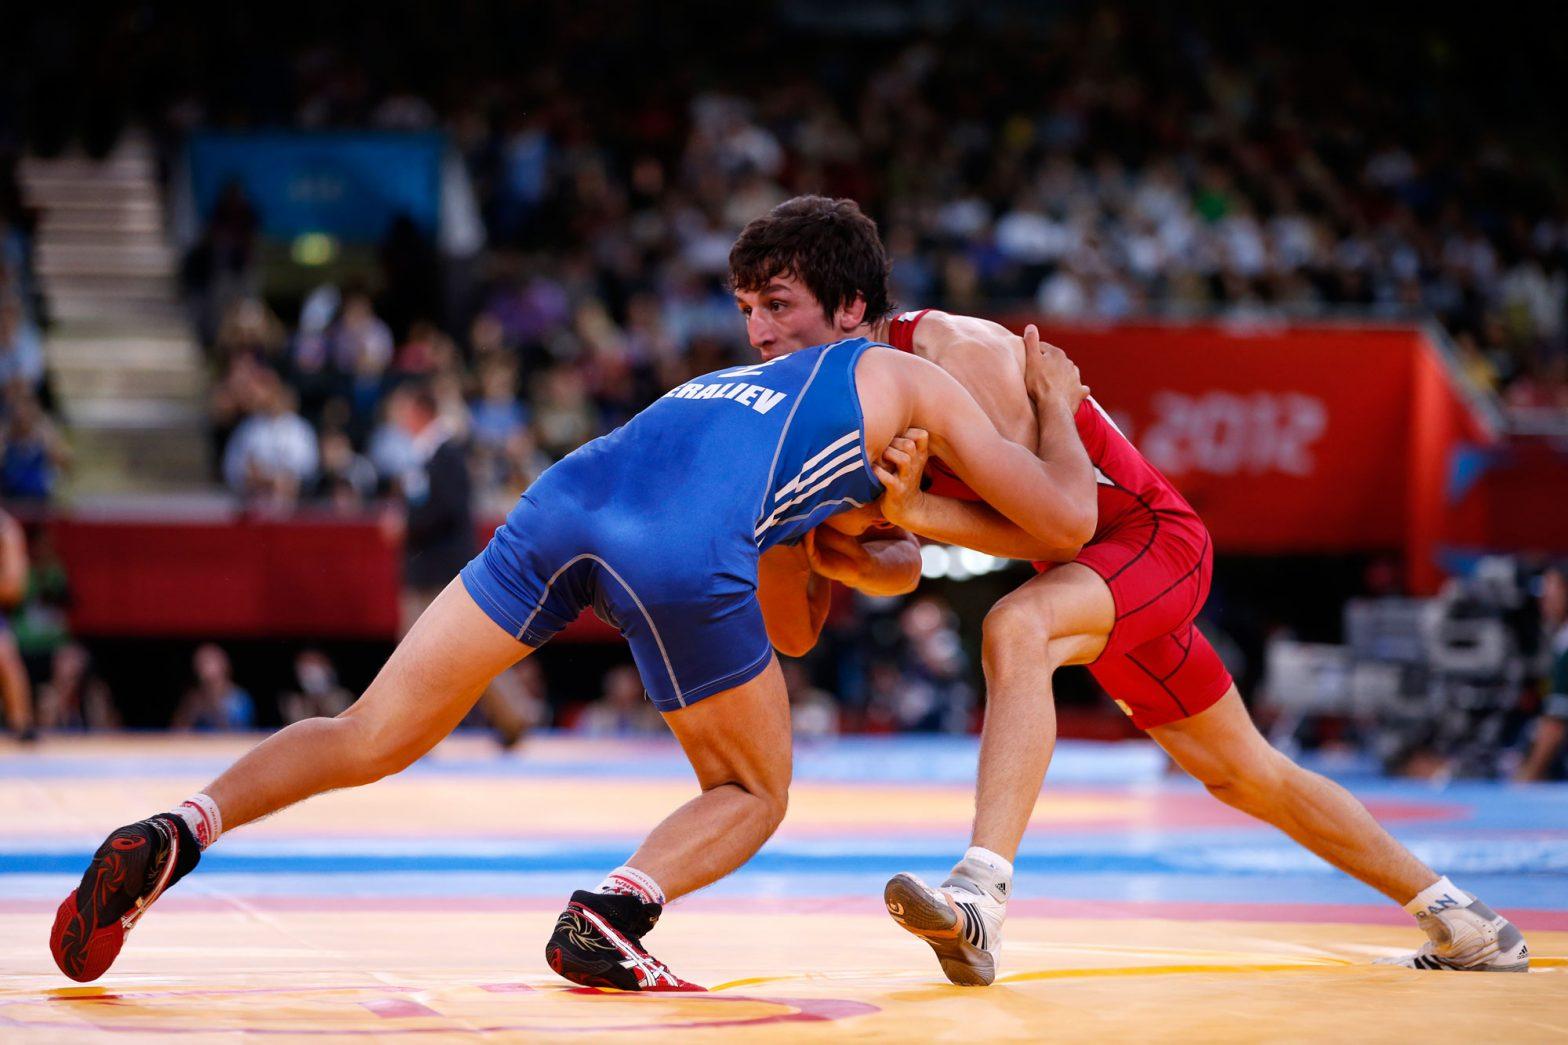 شرط بندی ورزشی در ایران